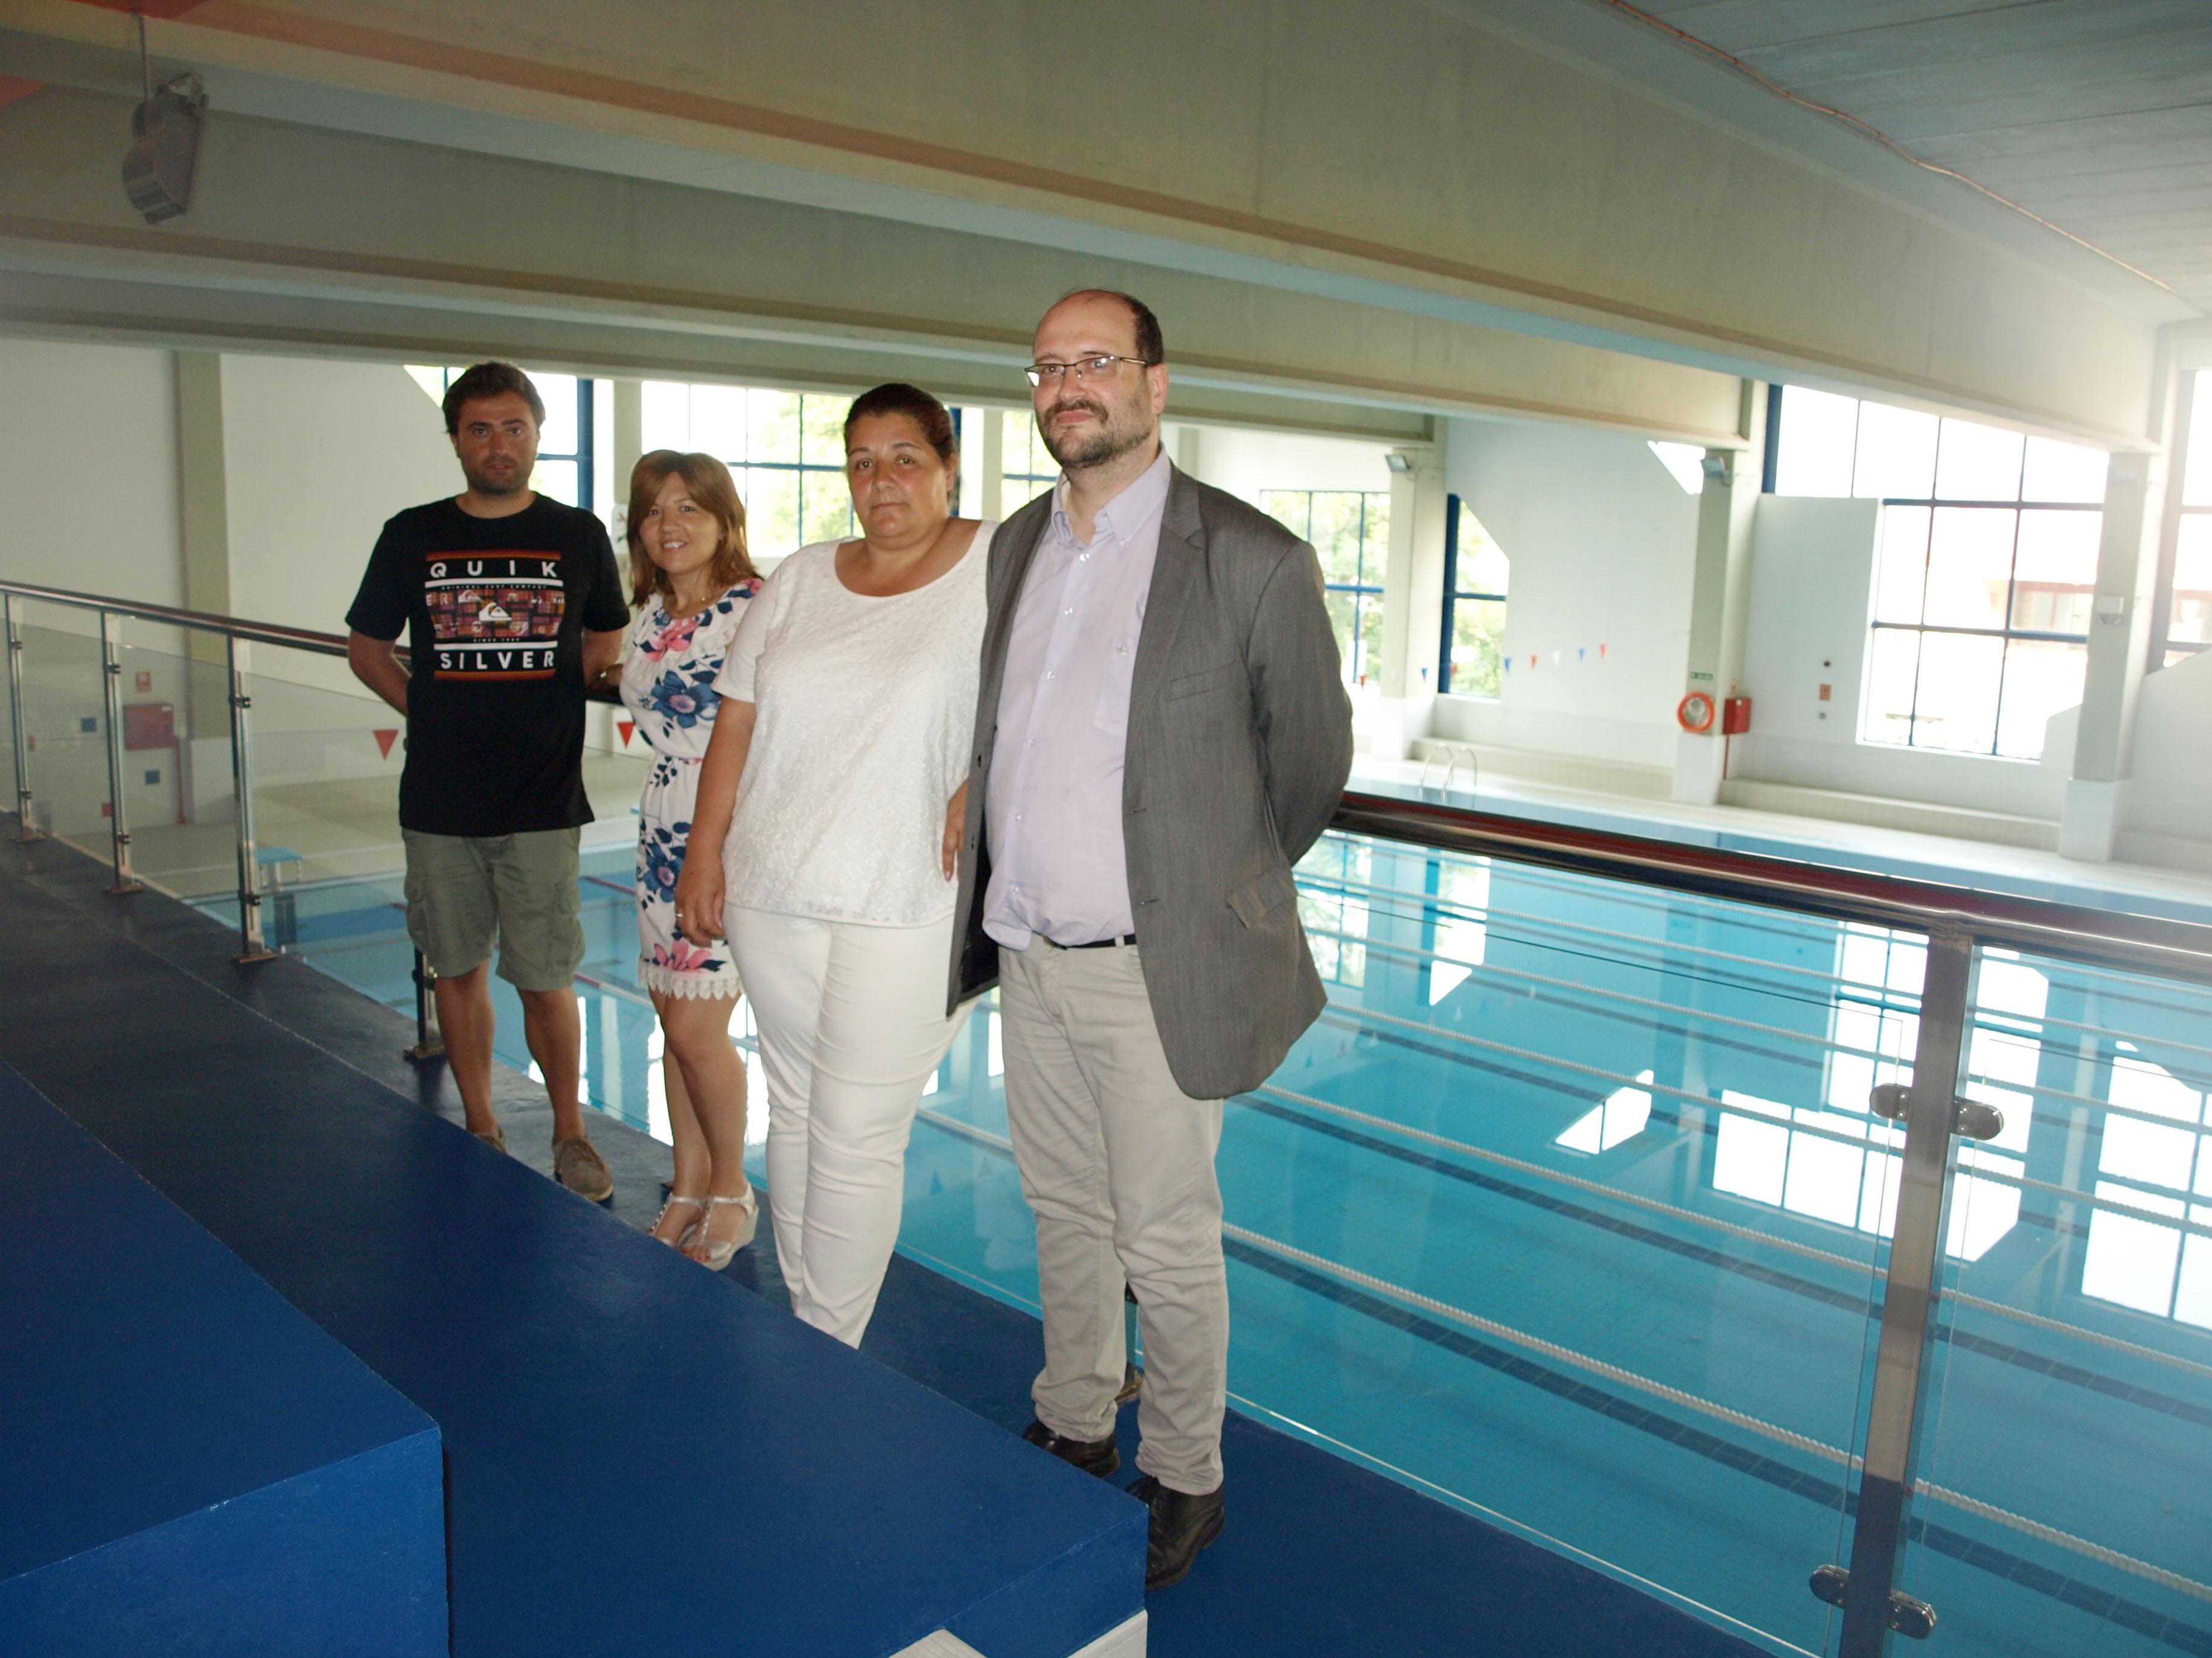 TINEO.- El club NAO organiza una exhibición de natación el día 24.